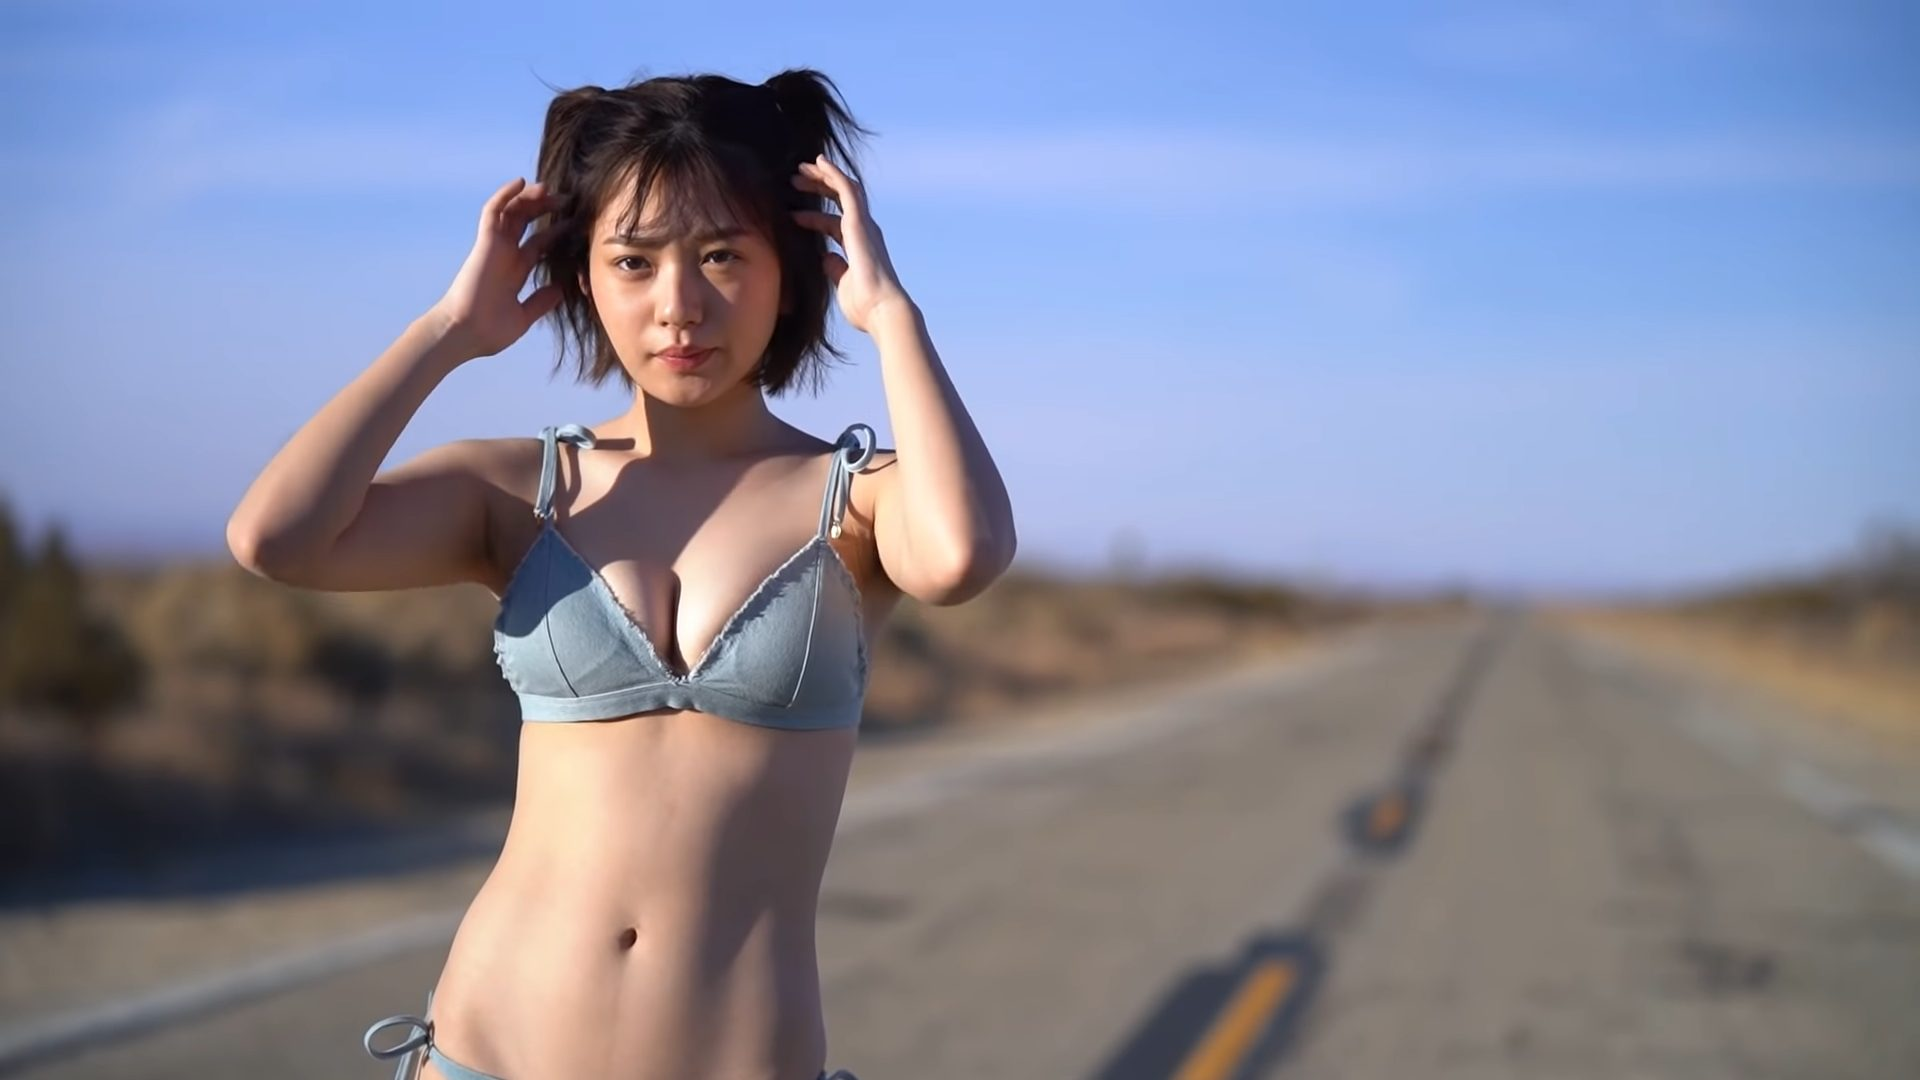 【長月翠】Gカップ2 ファースト写真集「意外性」2020年5月20日(水)発売予定!水着姿を披露!